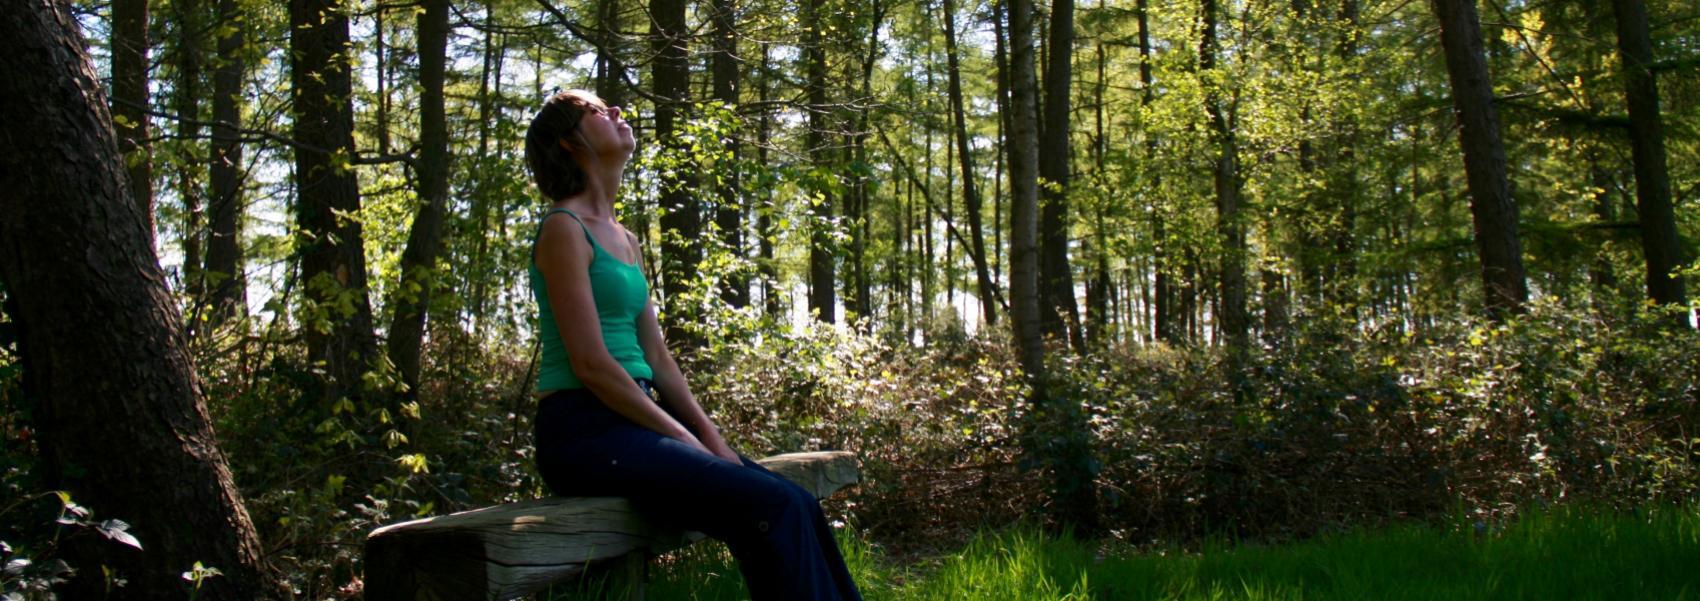 vrouw op bankje genietend van de zon